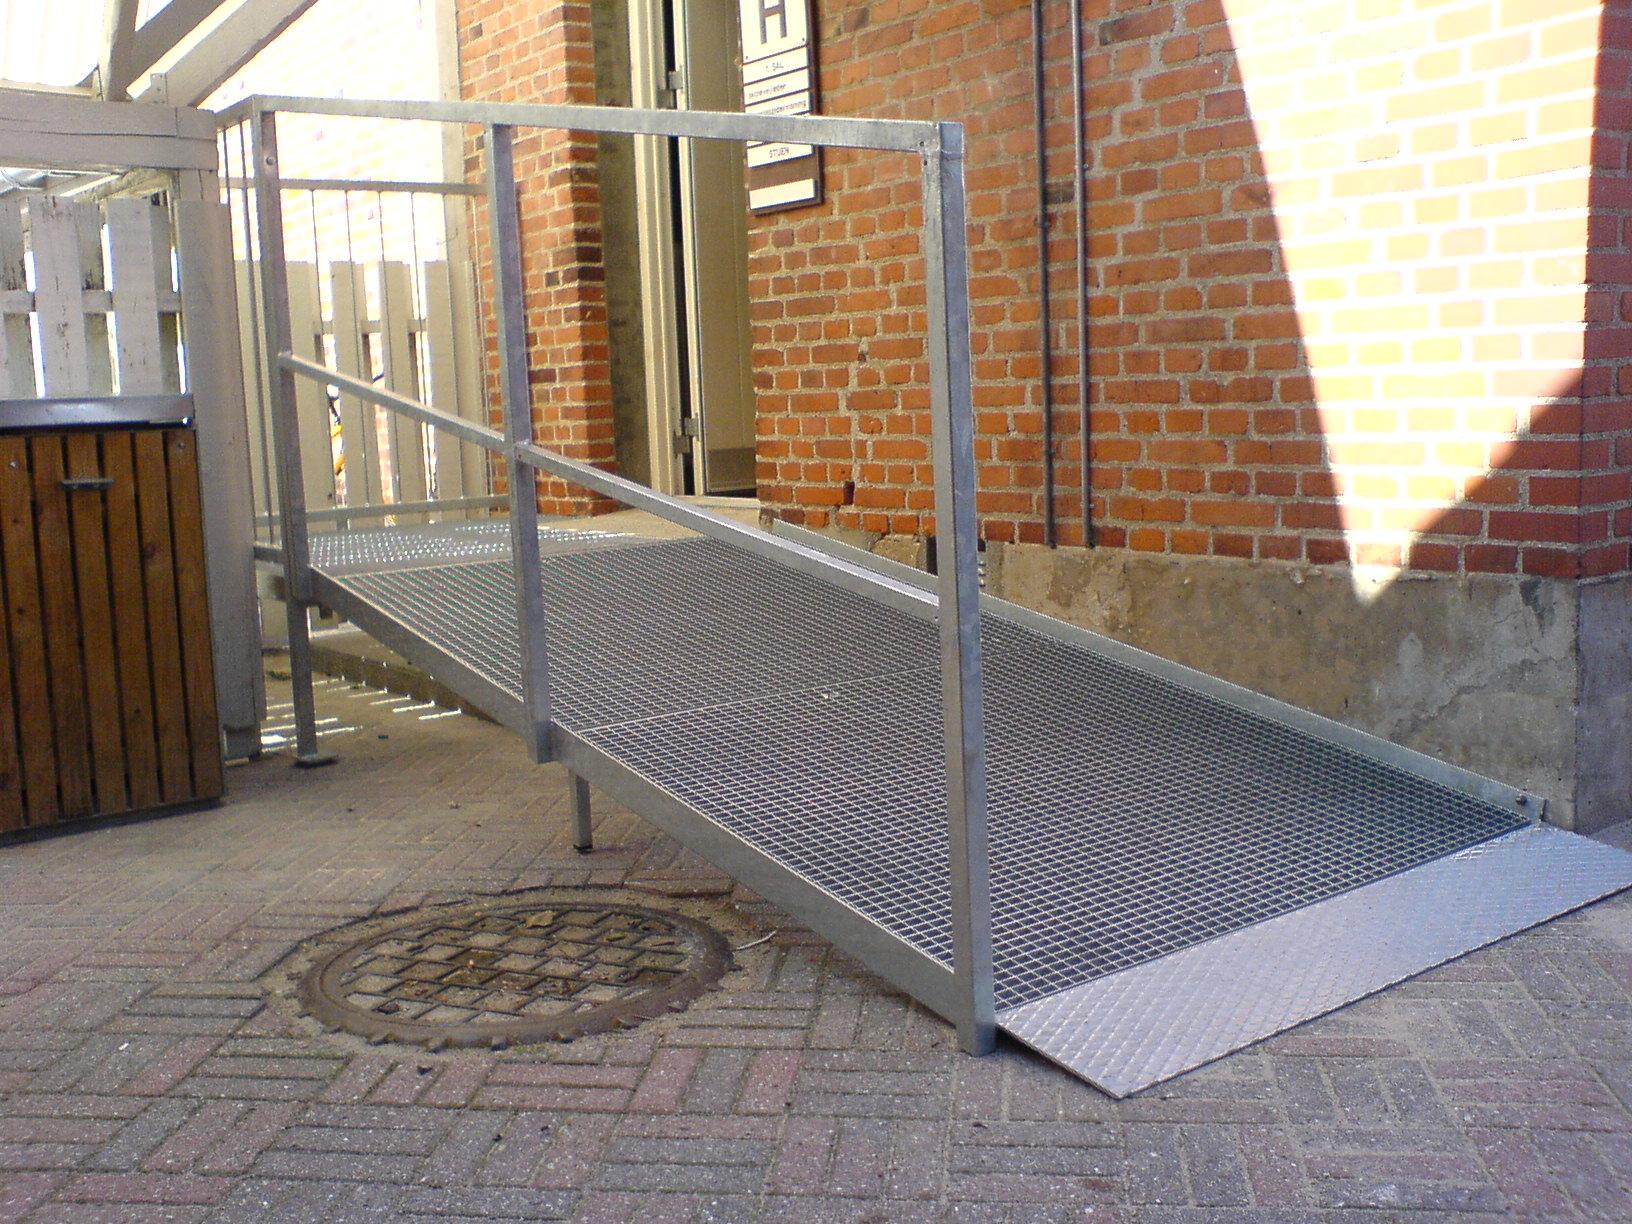 rampe_indgangsdoer_trappe-rampe_dsc00097